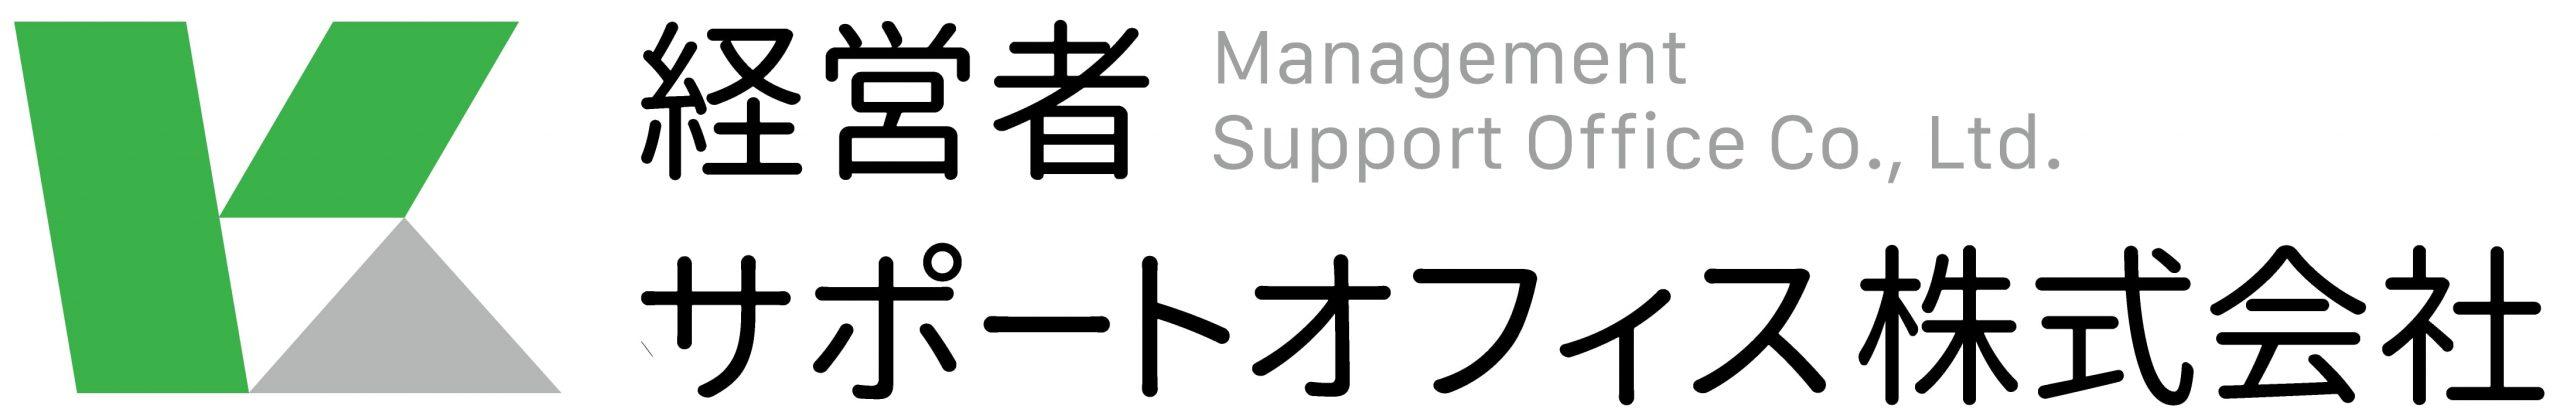 経営者サポートオフィス株式会社